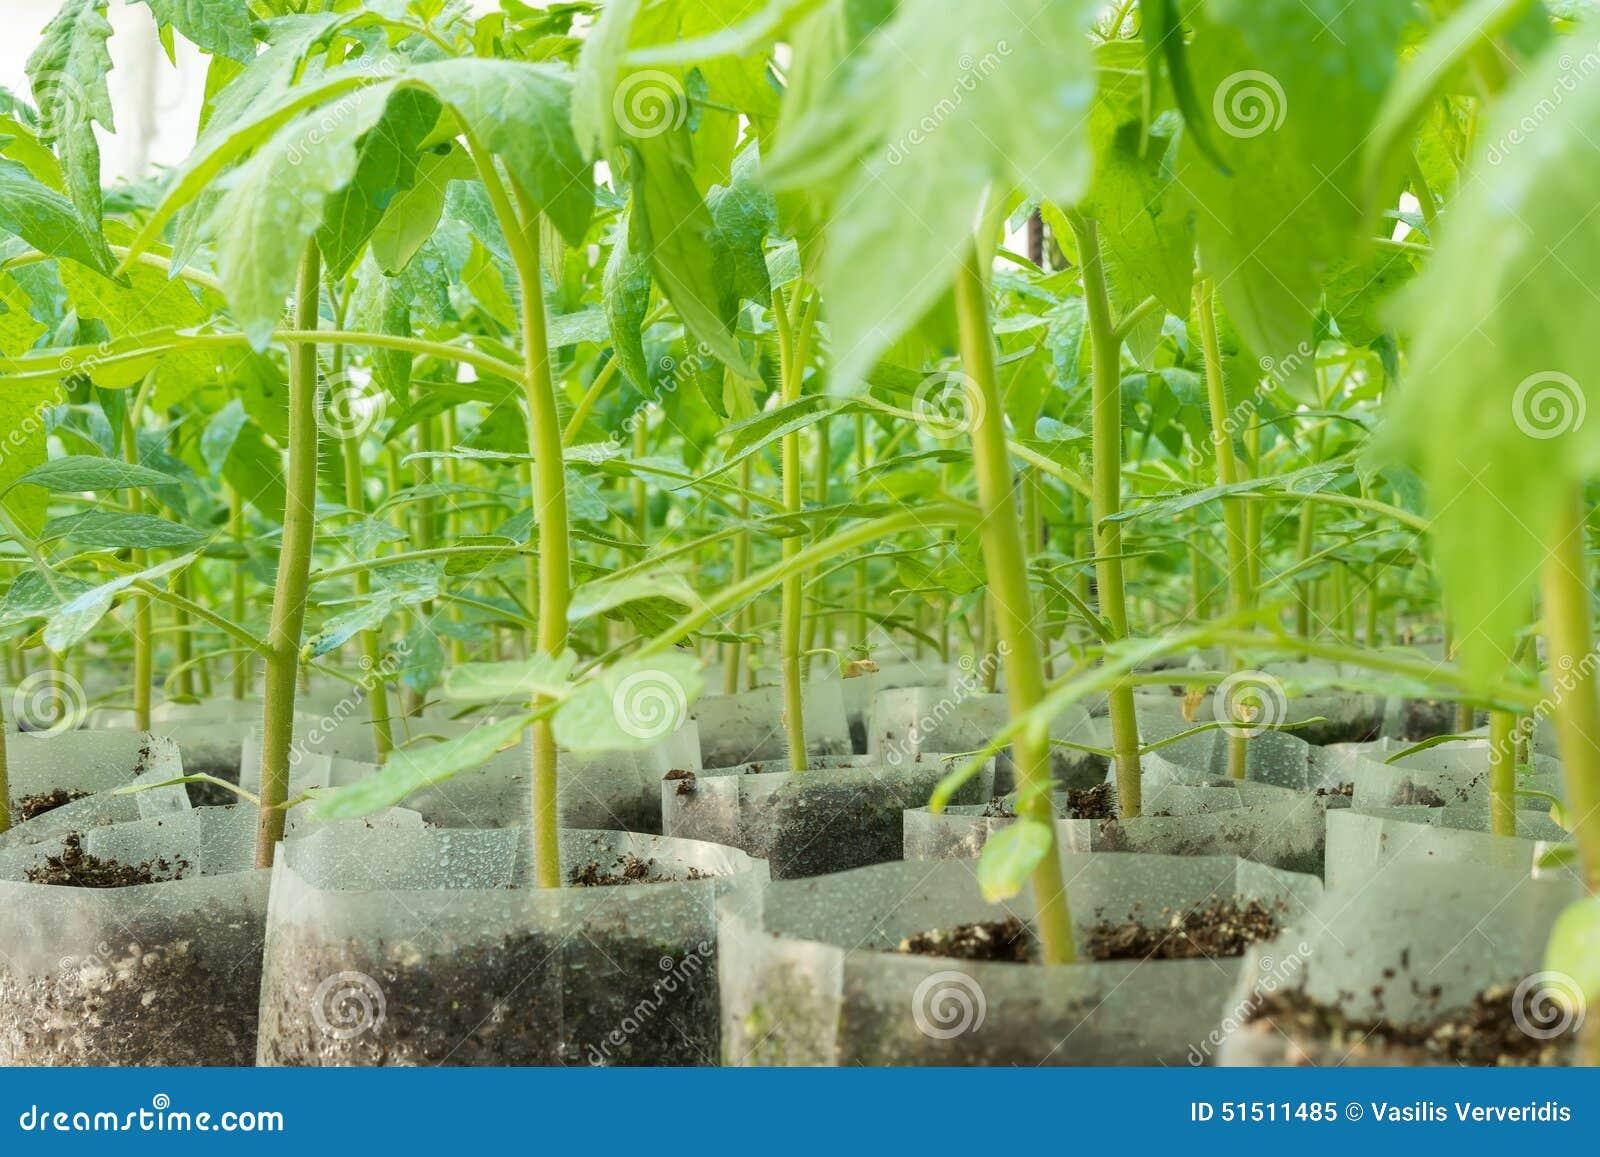 petites plantes de tomate en serre chaude pour la transplantation image stock image du. Black Bedroom Furniture Sets. Home Design Ideas